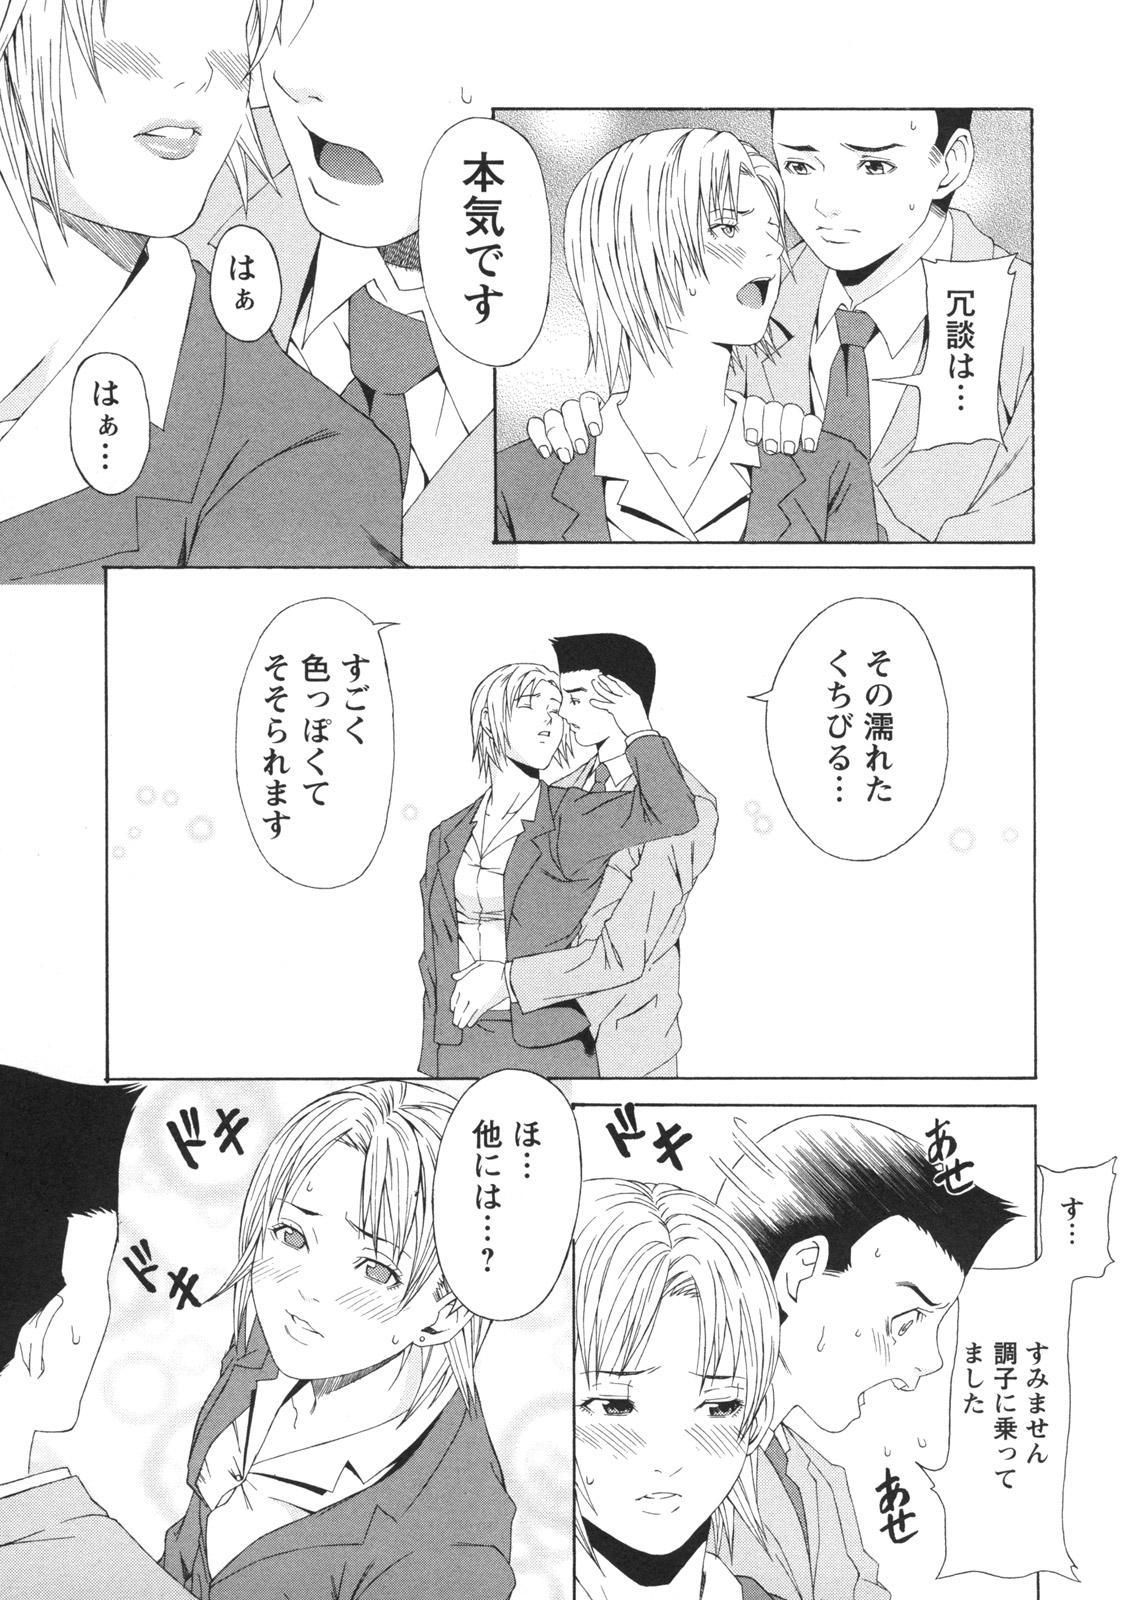 Kagai Jugyou 149